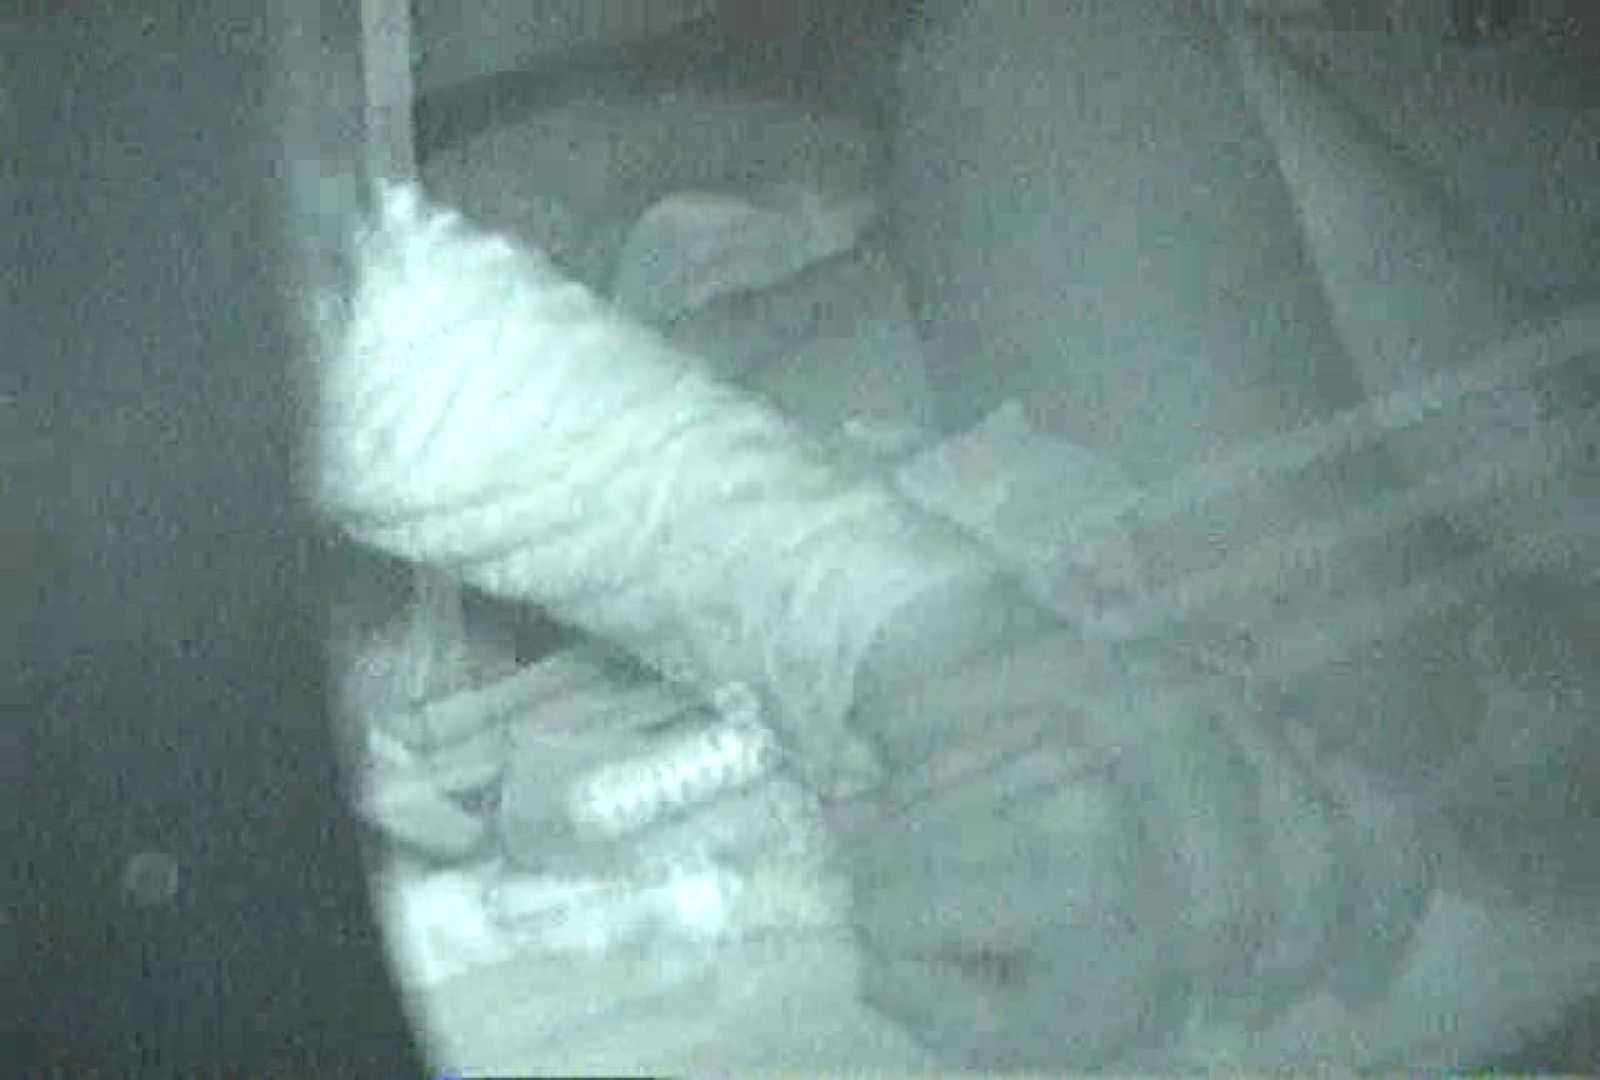 充血監督の深夜の運動会Vol.48 現役ギャル のぞき動画画像 95pic 20